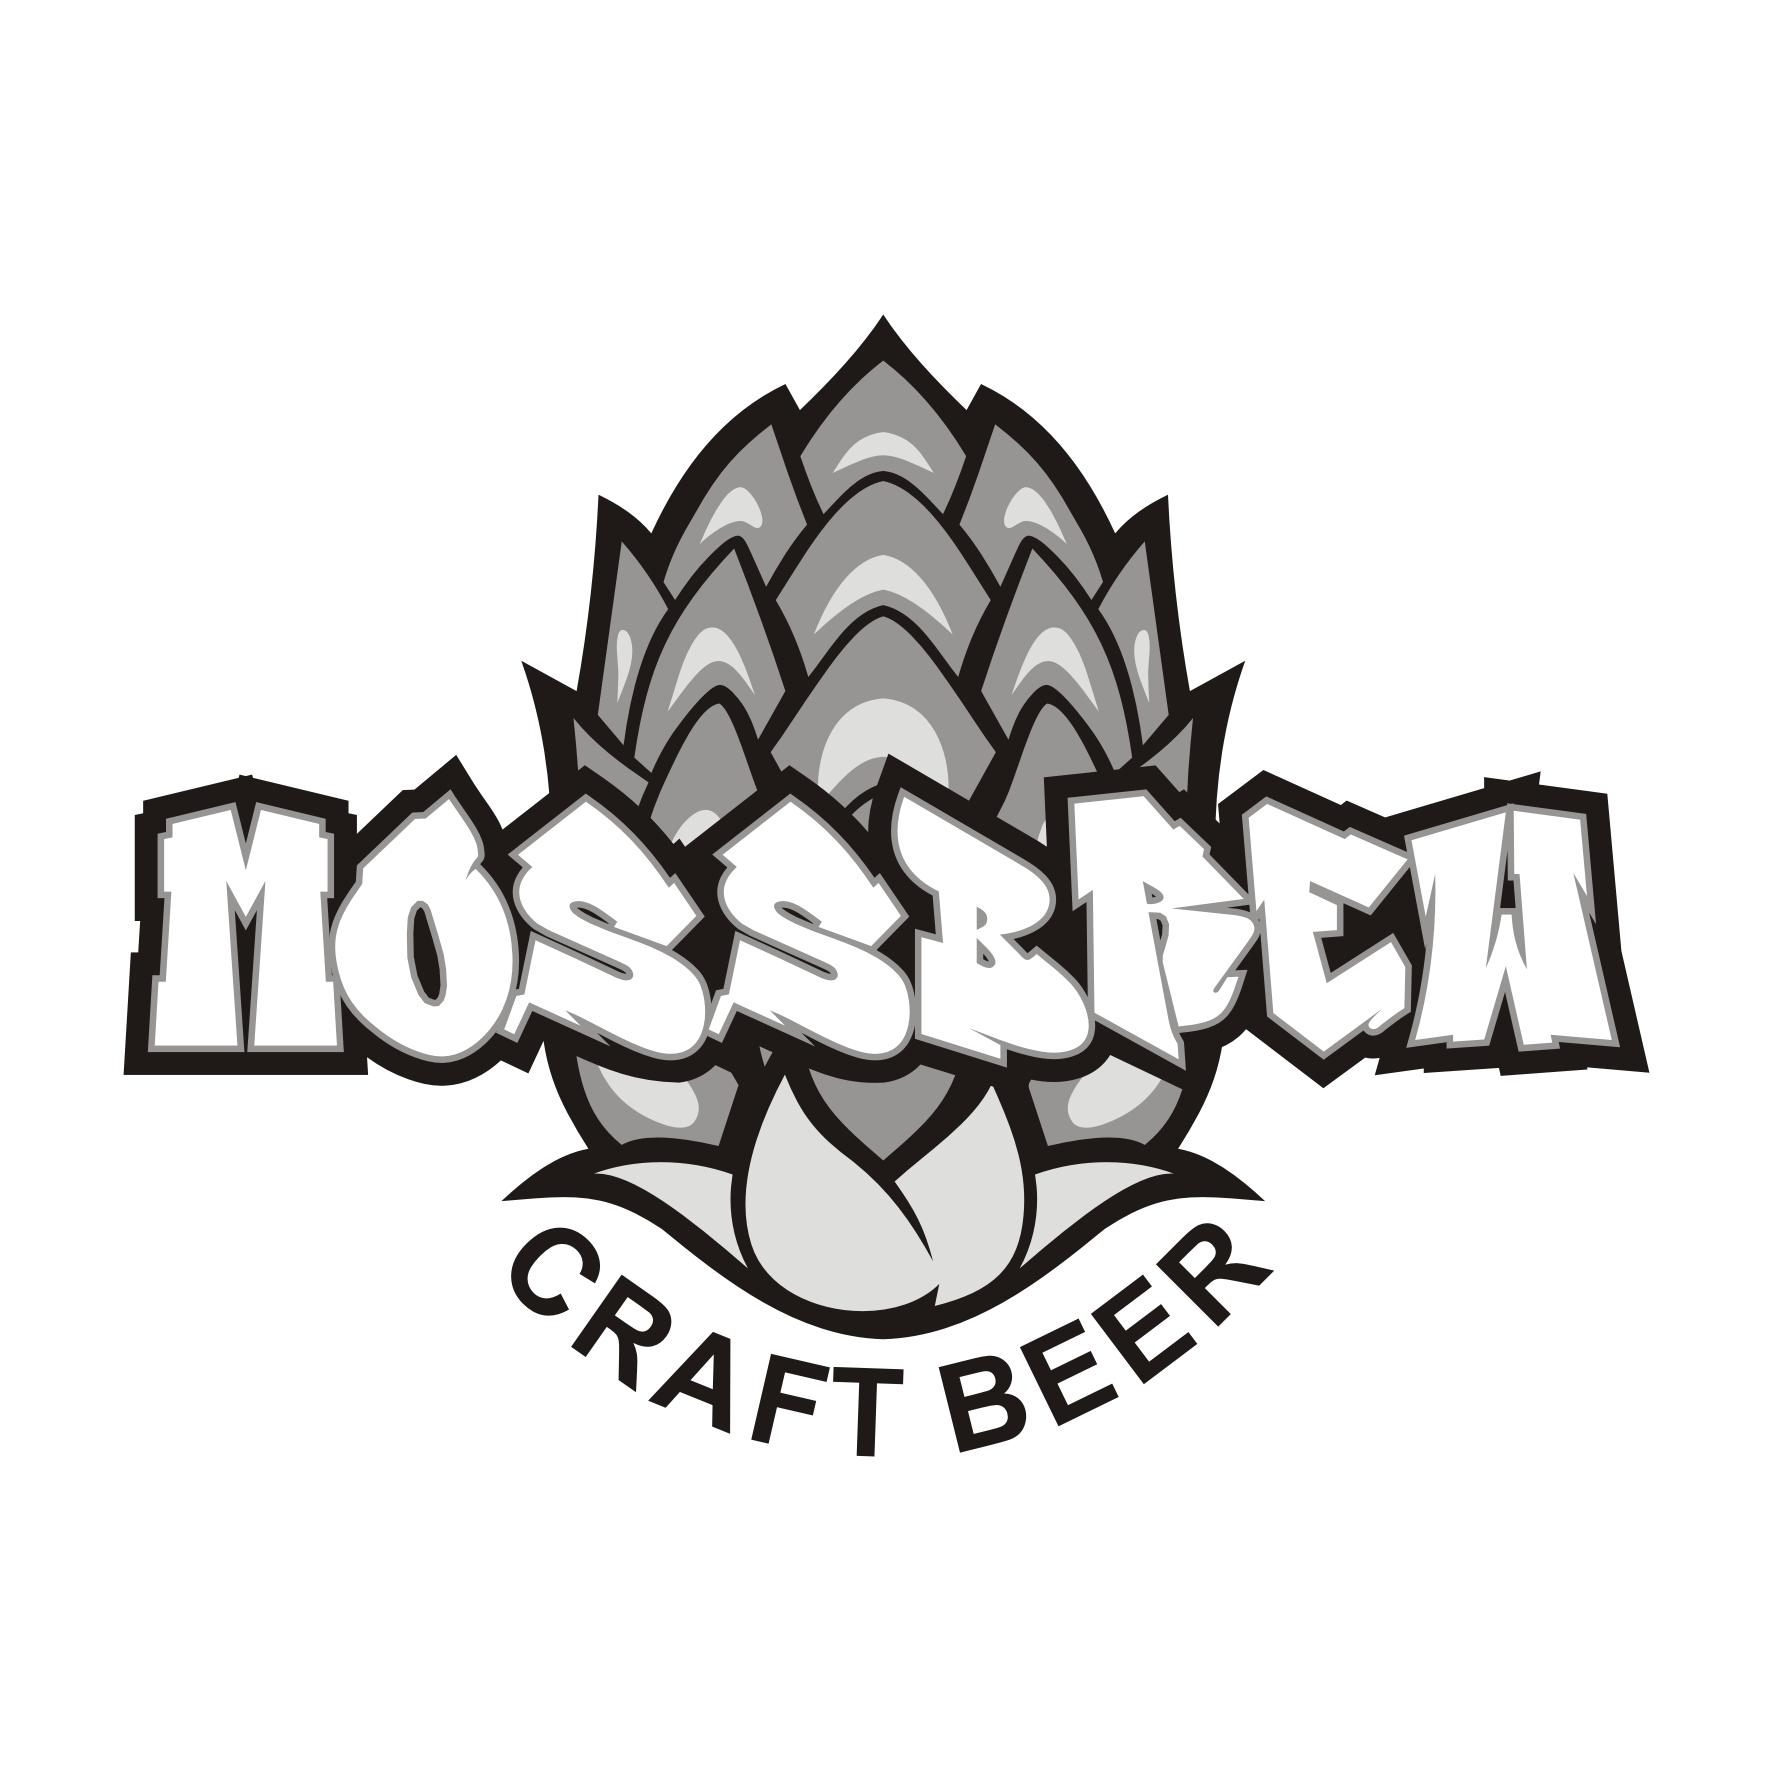 Логотип для пивоварни фото f_3325989bd2e1fd6e.jpg